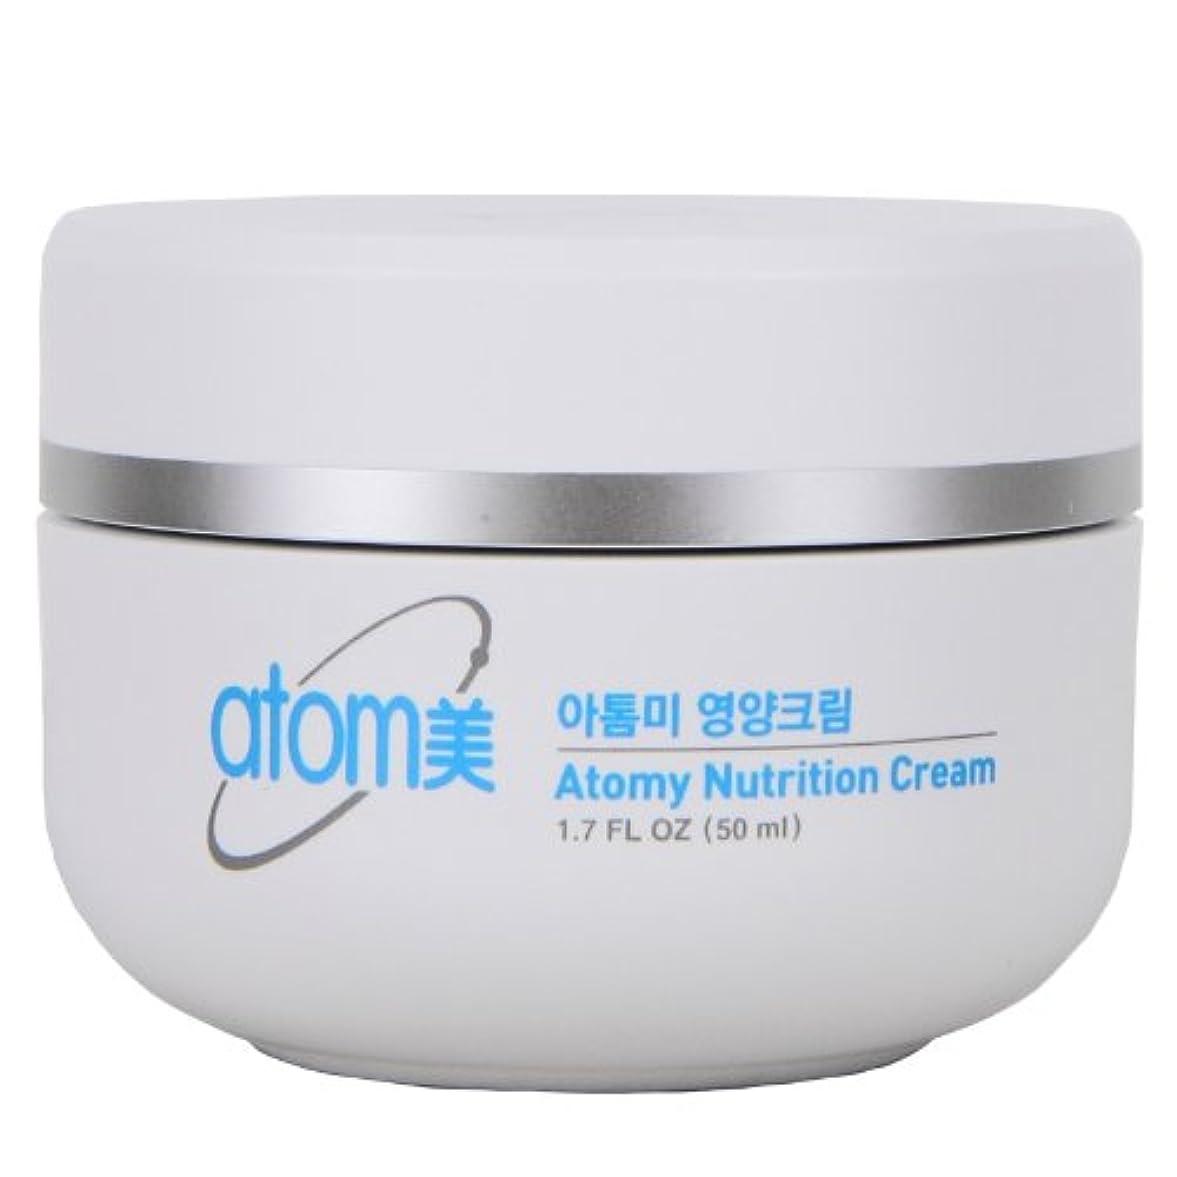 チャーター鼻阻害する韓国コスメ Atom美 アトミ クリーム ■ナチュラルコスメ